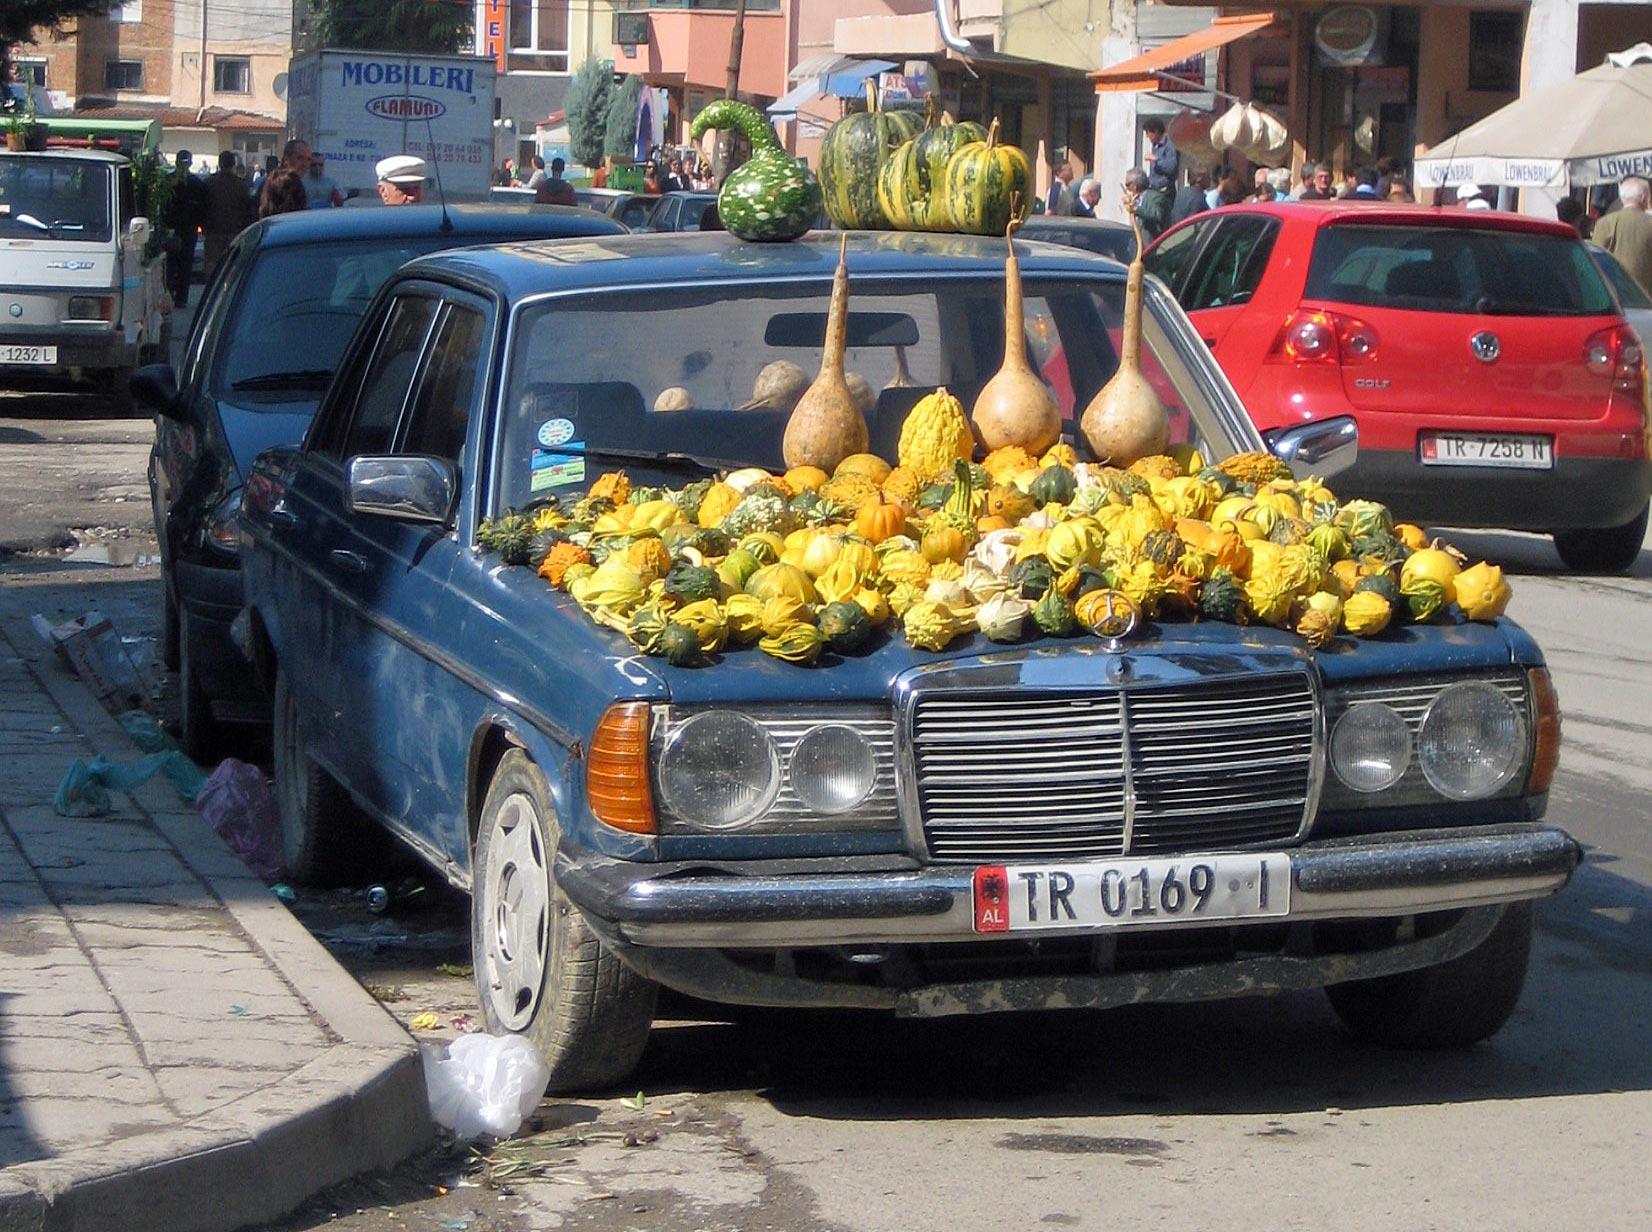 Verkauf von Kürbissen in Tirana